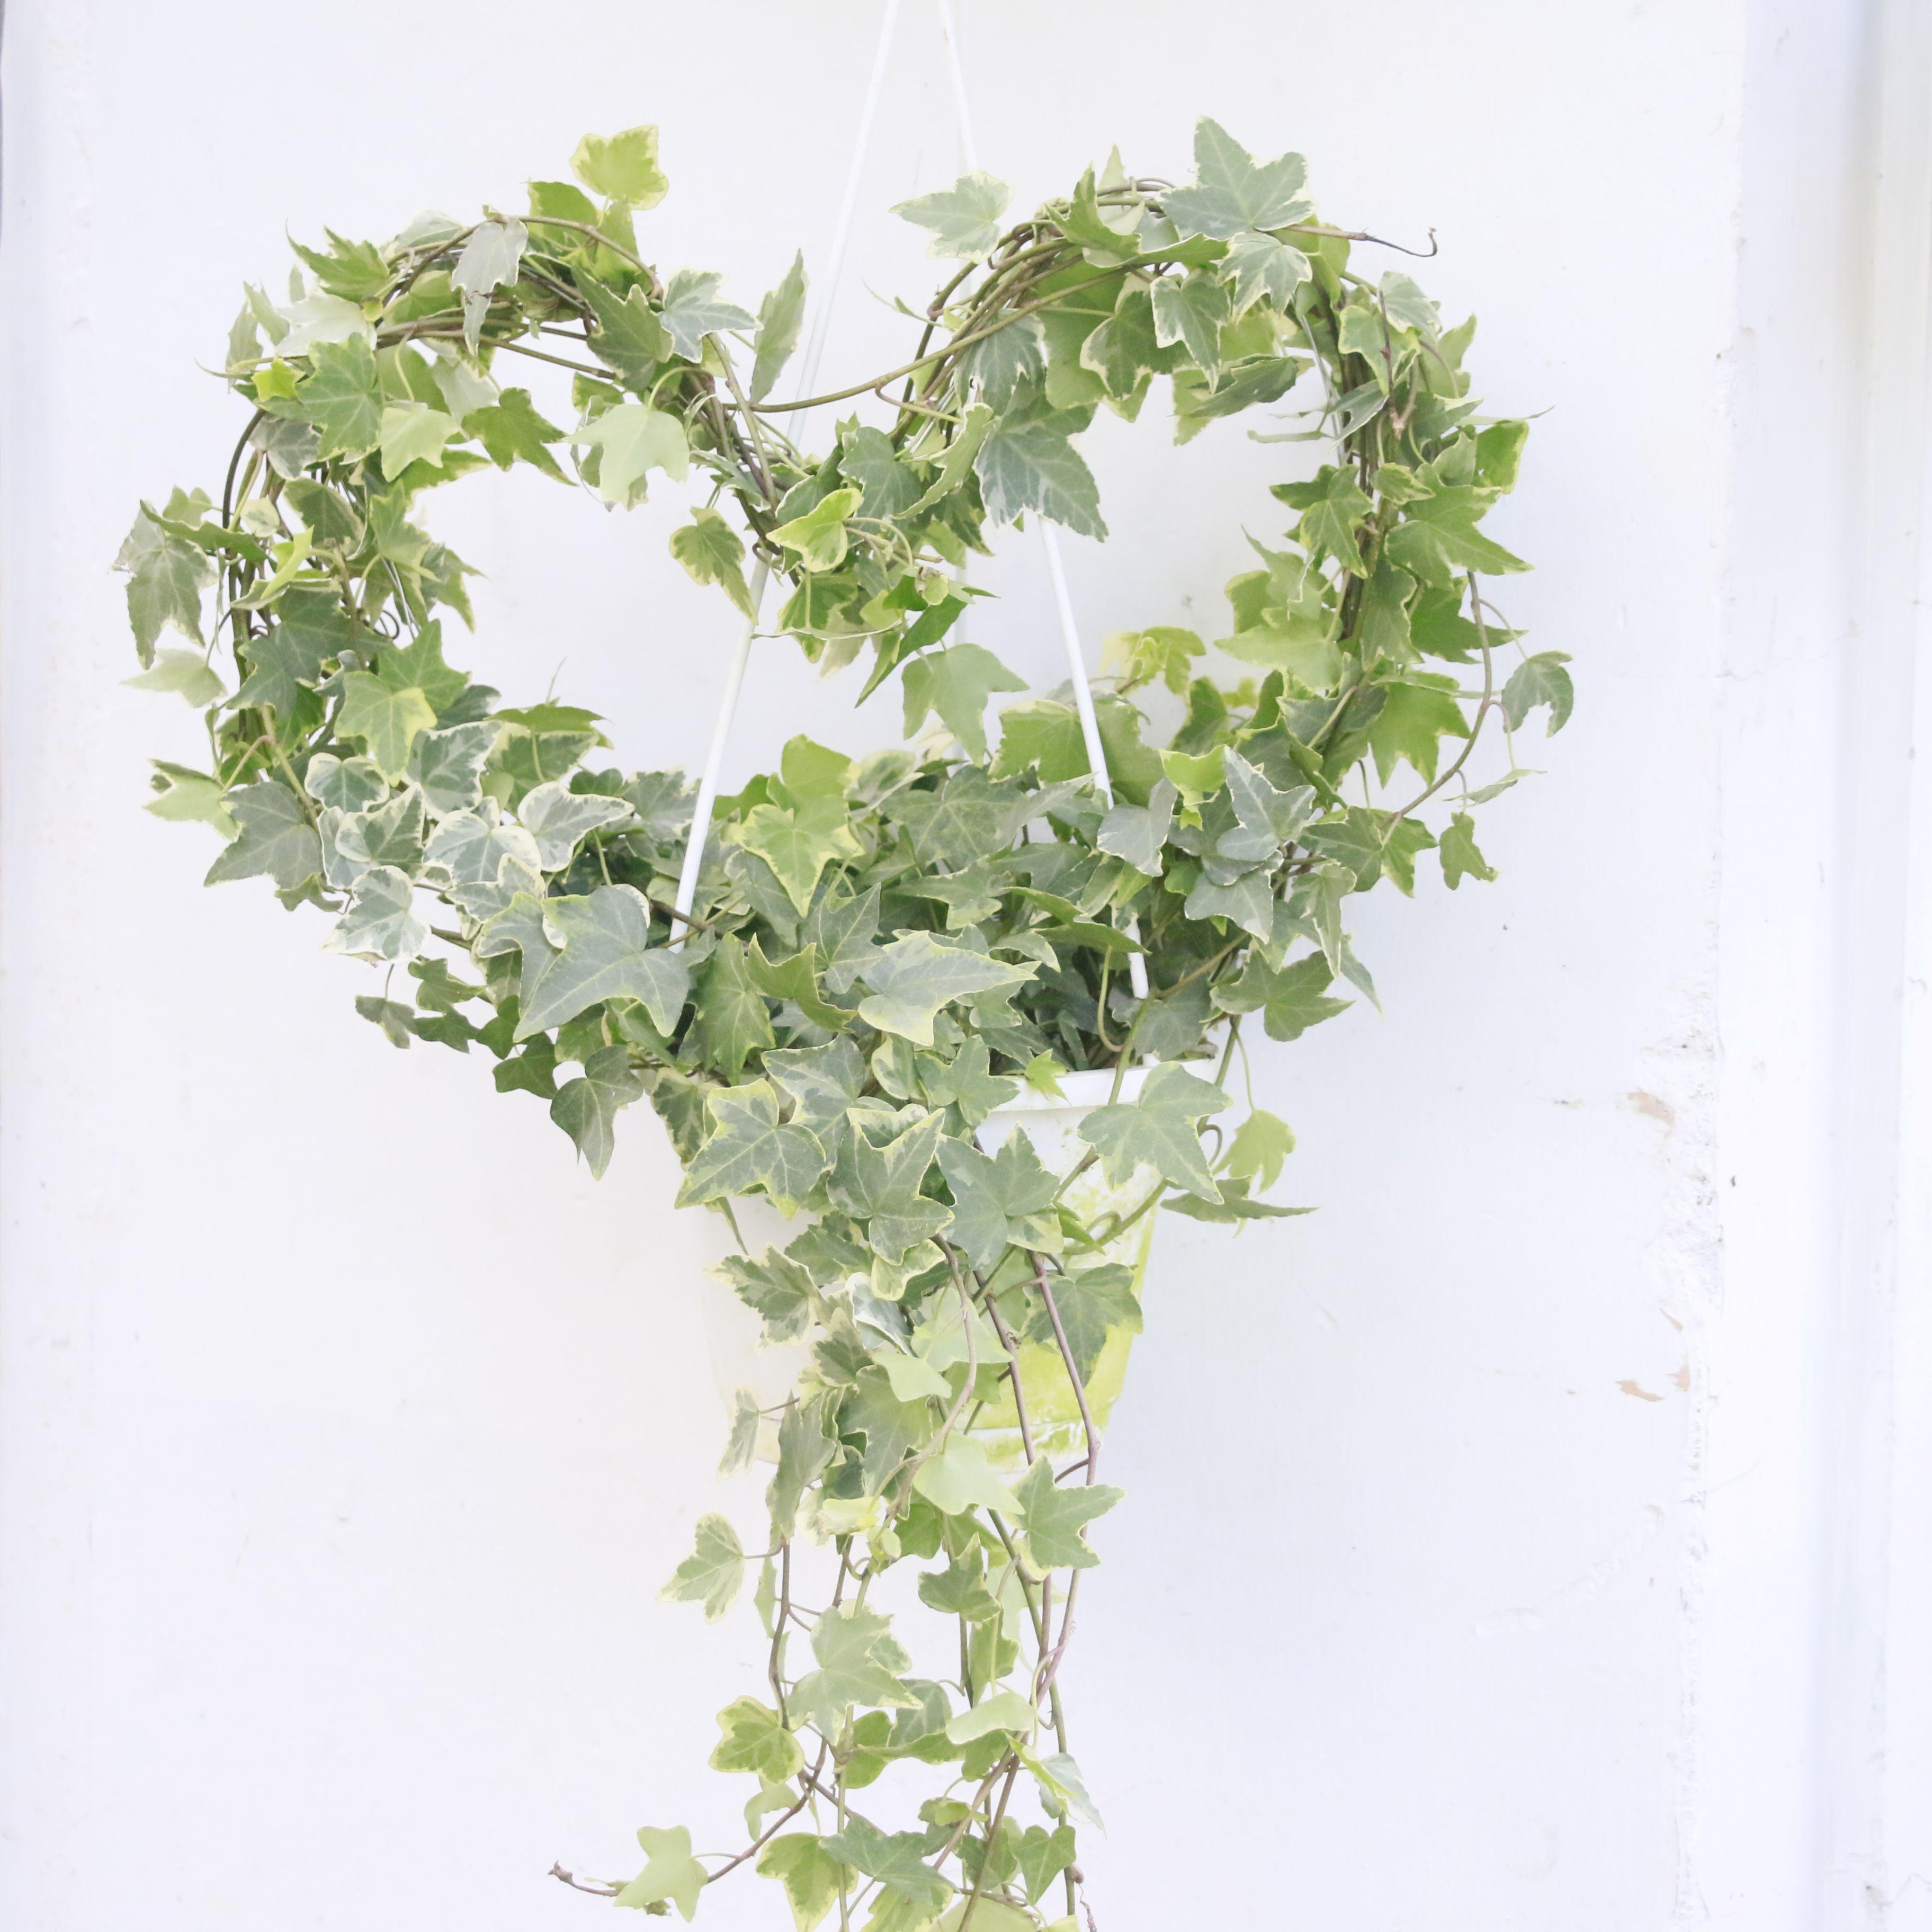 Ảnh cây Thường Xuân kết hình trái tim